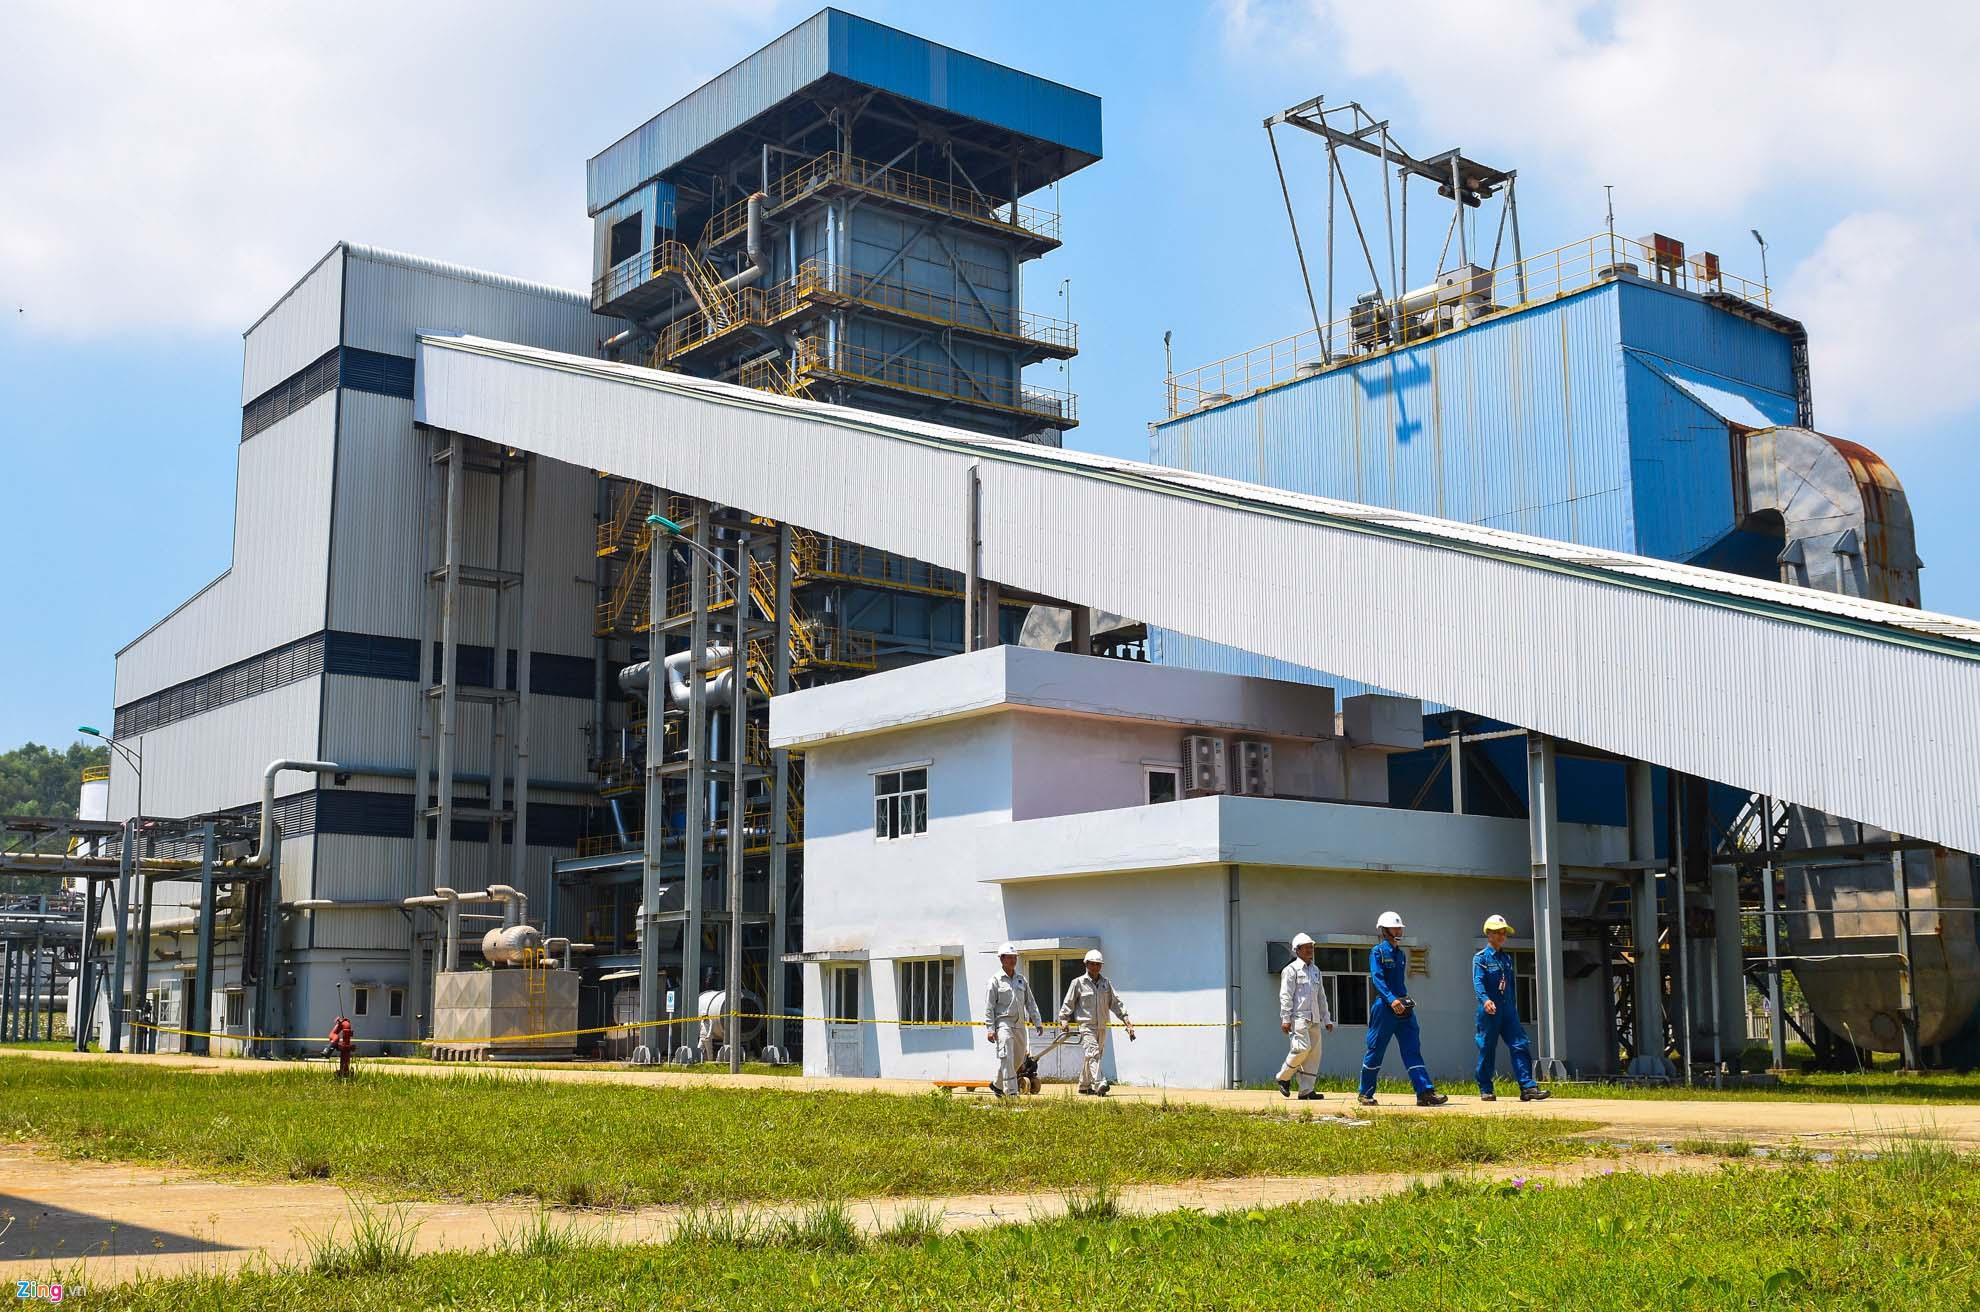 Công ty Cổ phần Nhiên liệu Sinh học Dầu khí Miền Trung (BSR-BF) thông báo tuyển dụng